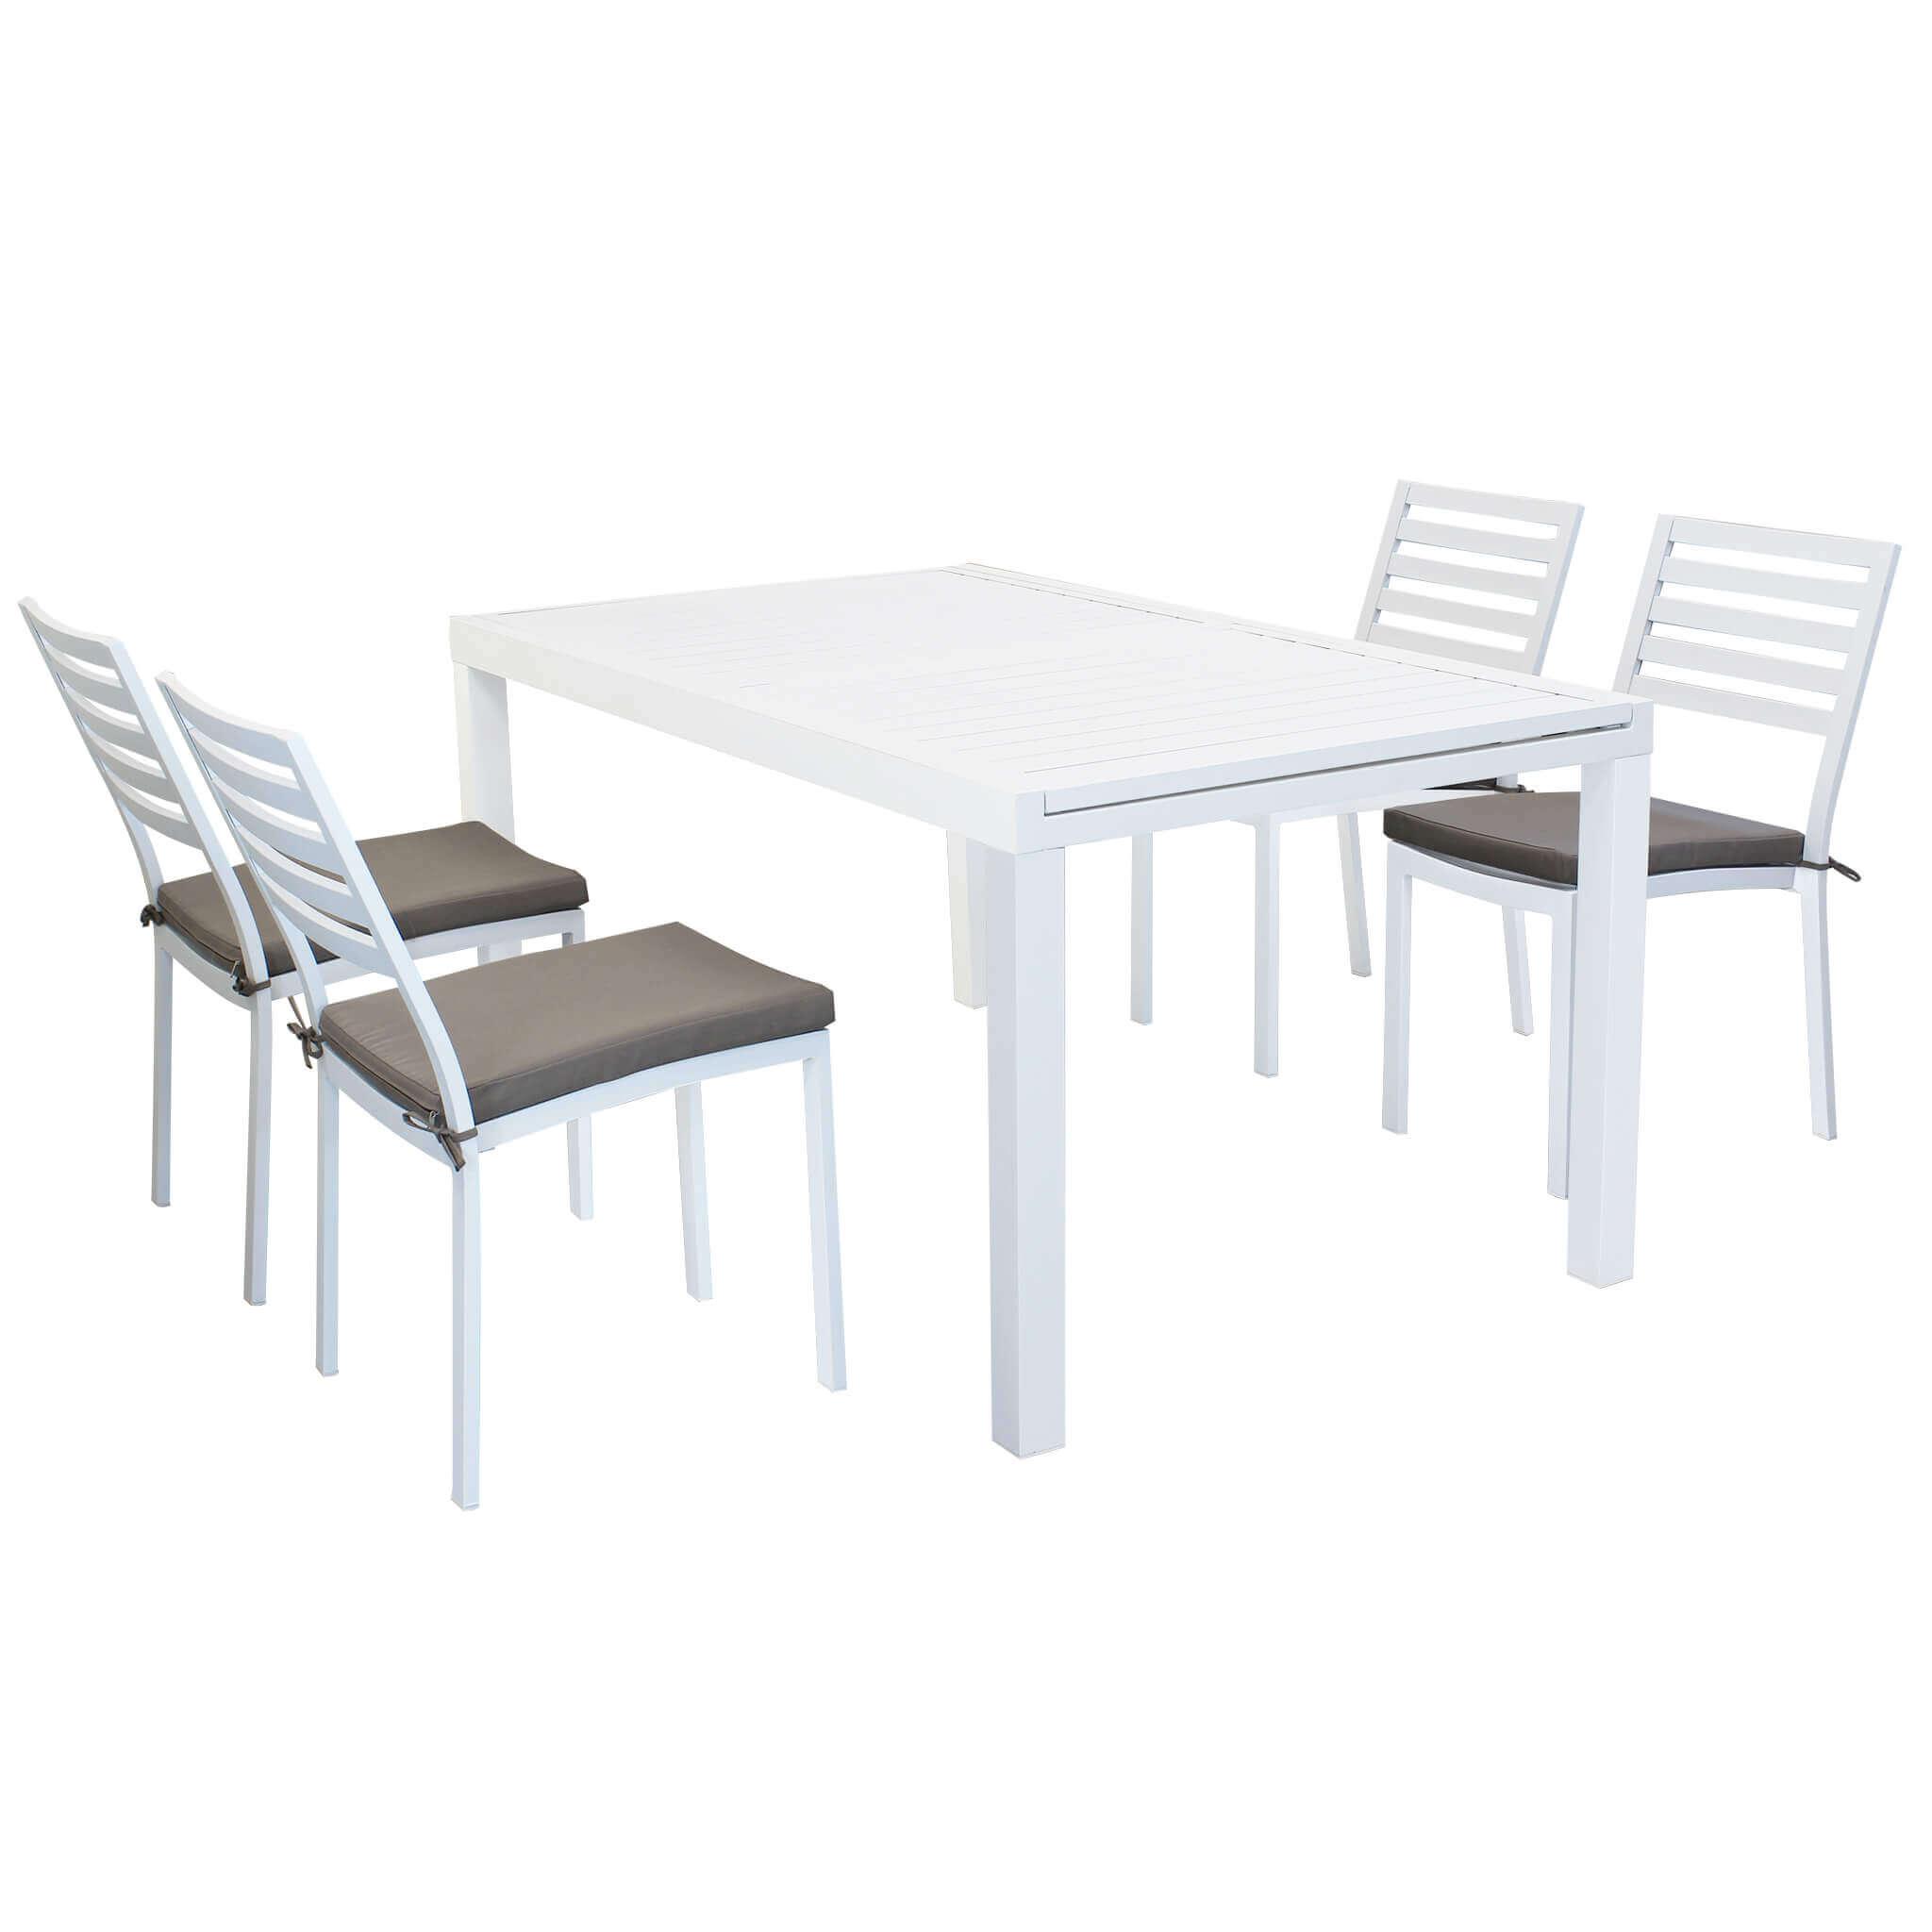 Milani Home DEXTER - set tavolo da giardino allungabile 160/240 x 90 compreso di 4 sedie in alluminio